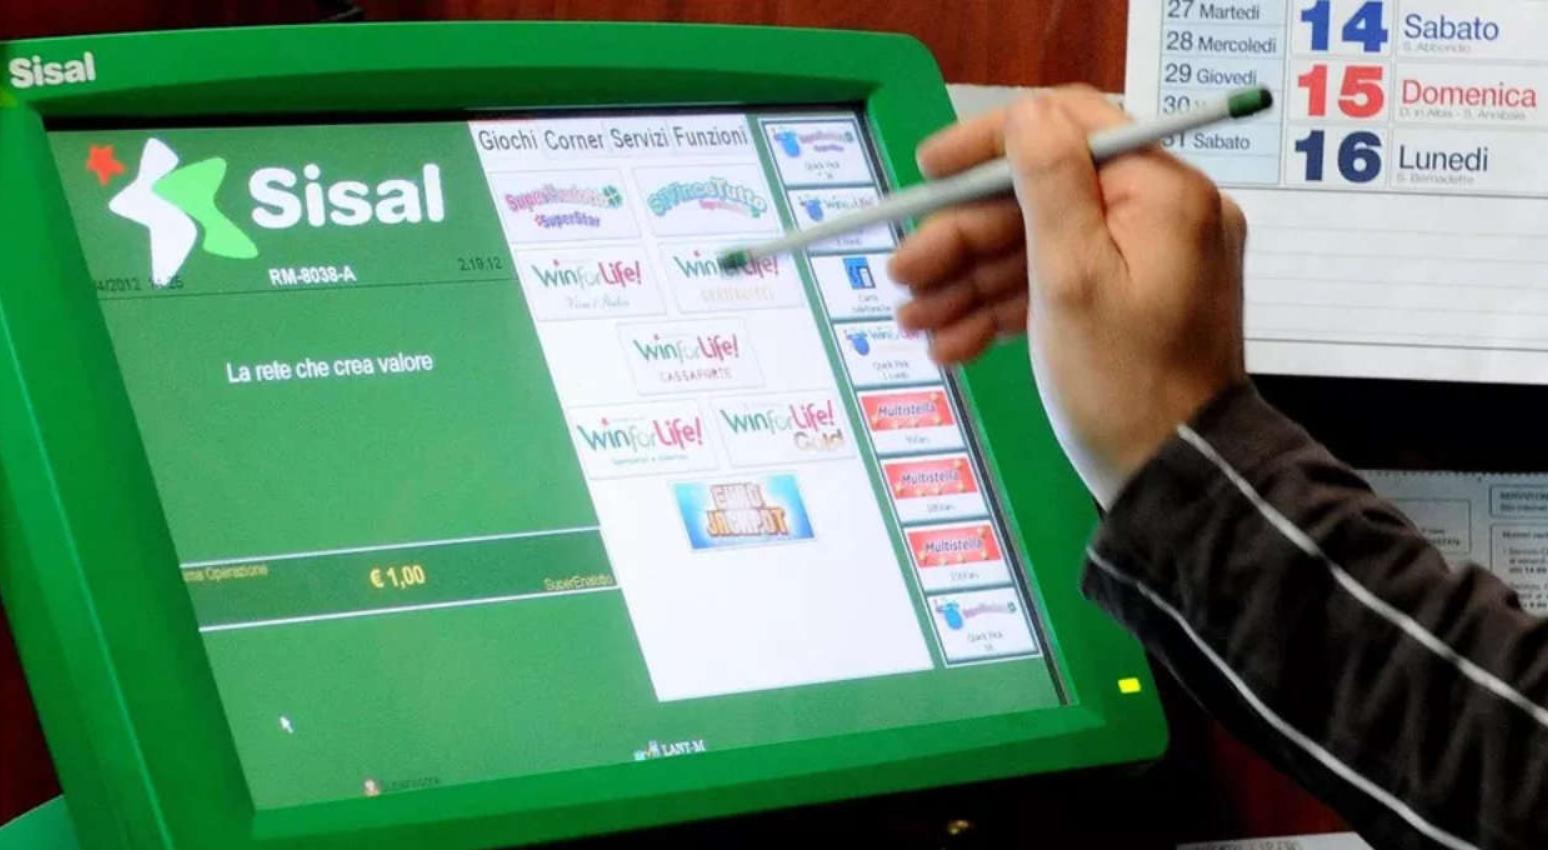 Sisal app è uno dei principali bookmakers che lavorano in Italia